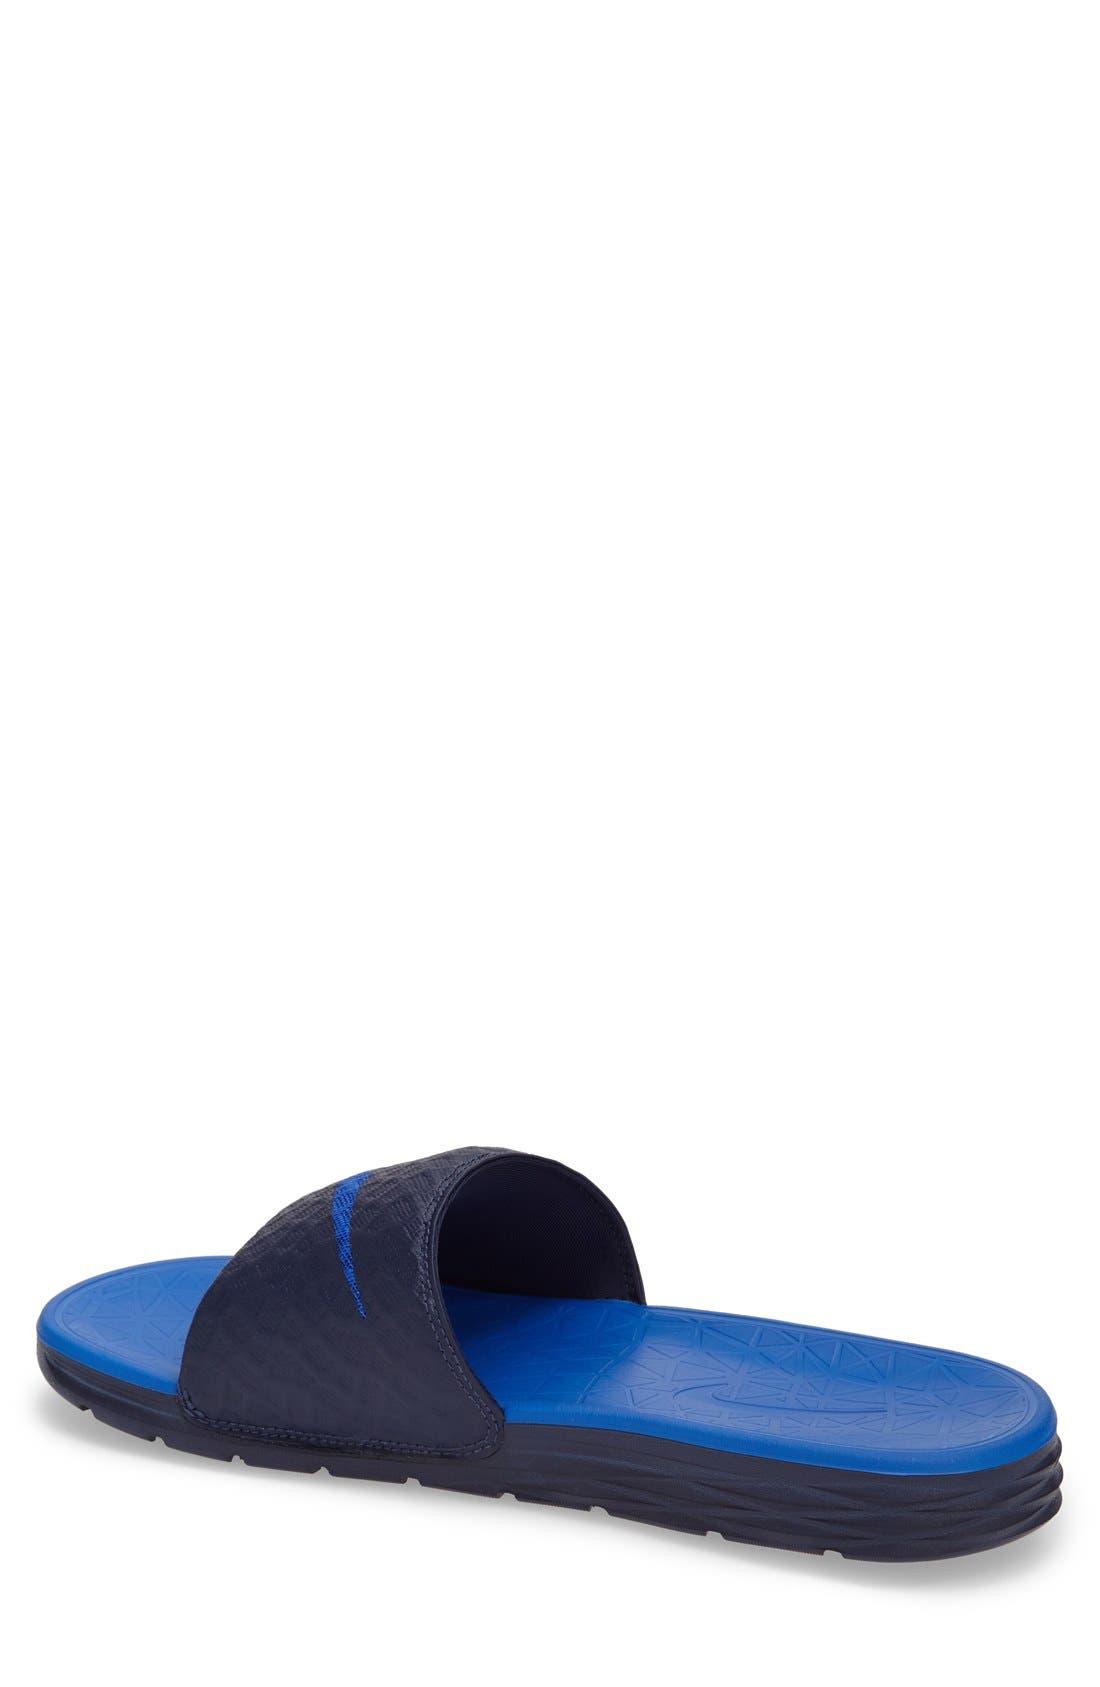 Alternate Image 2  - Nike 'Benassi Solarsoft 2' Slide Sandal (Men)